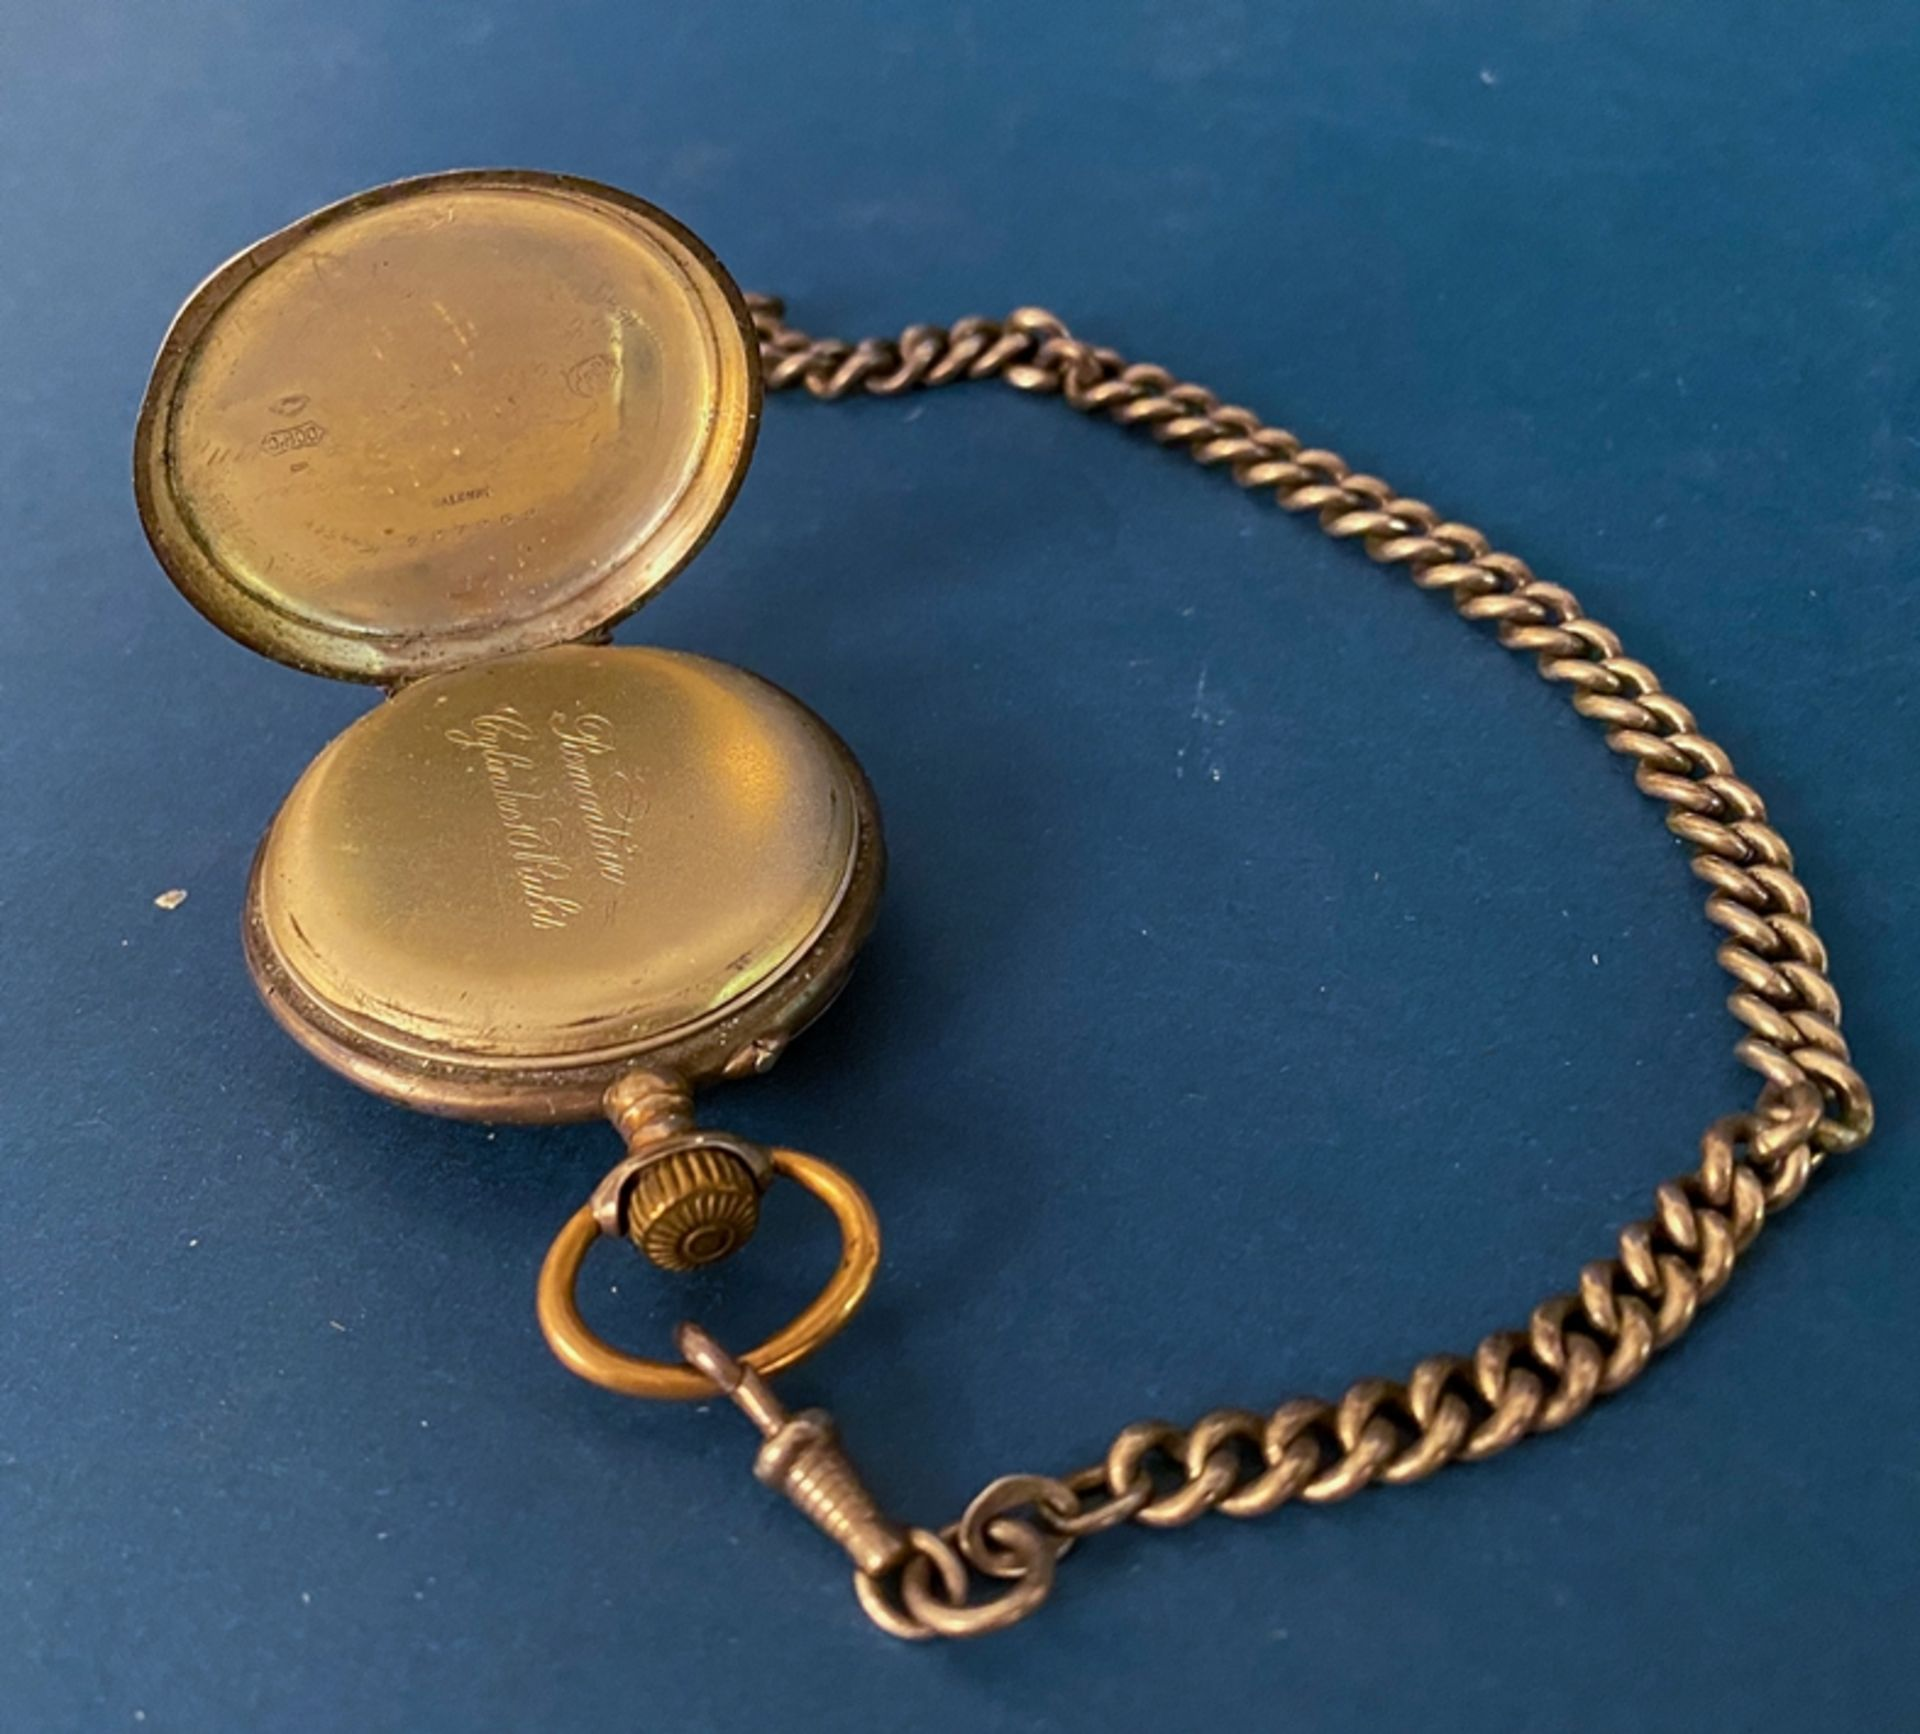 Silberne Taschenuhr an Uhrenkette (Länge ca. 27 cm), beides 800er Silber, ungeprüft (Durchmesser der - Bild 7 aus 7